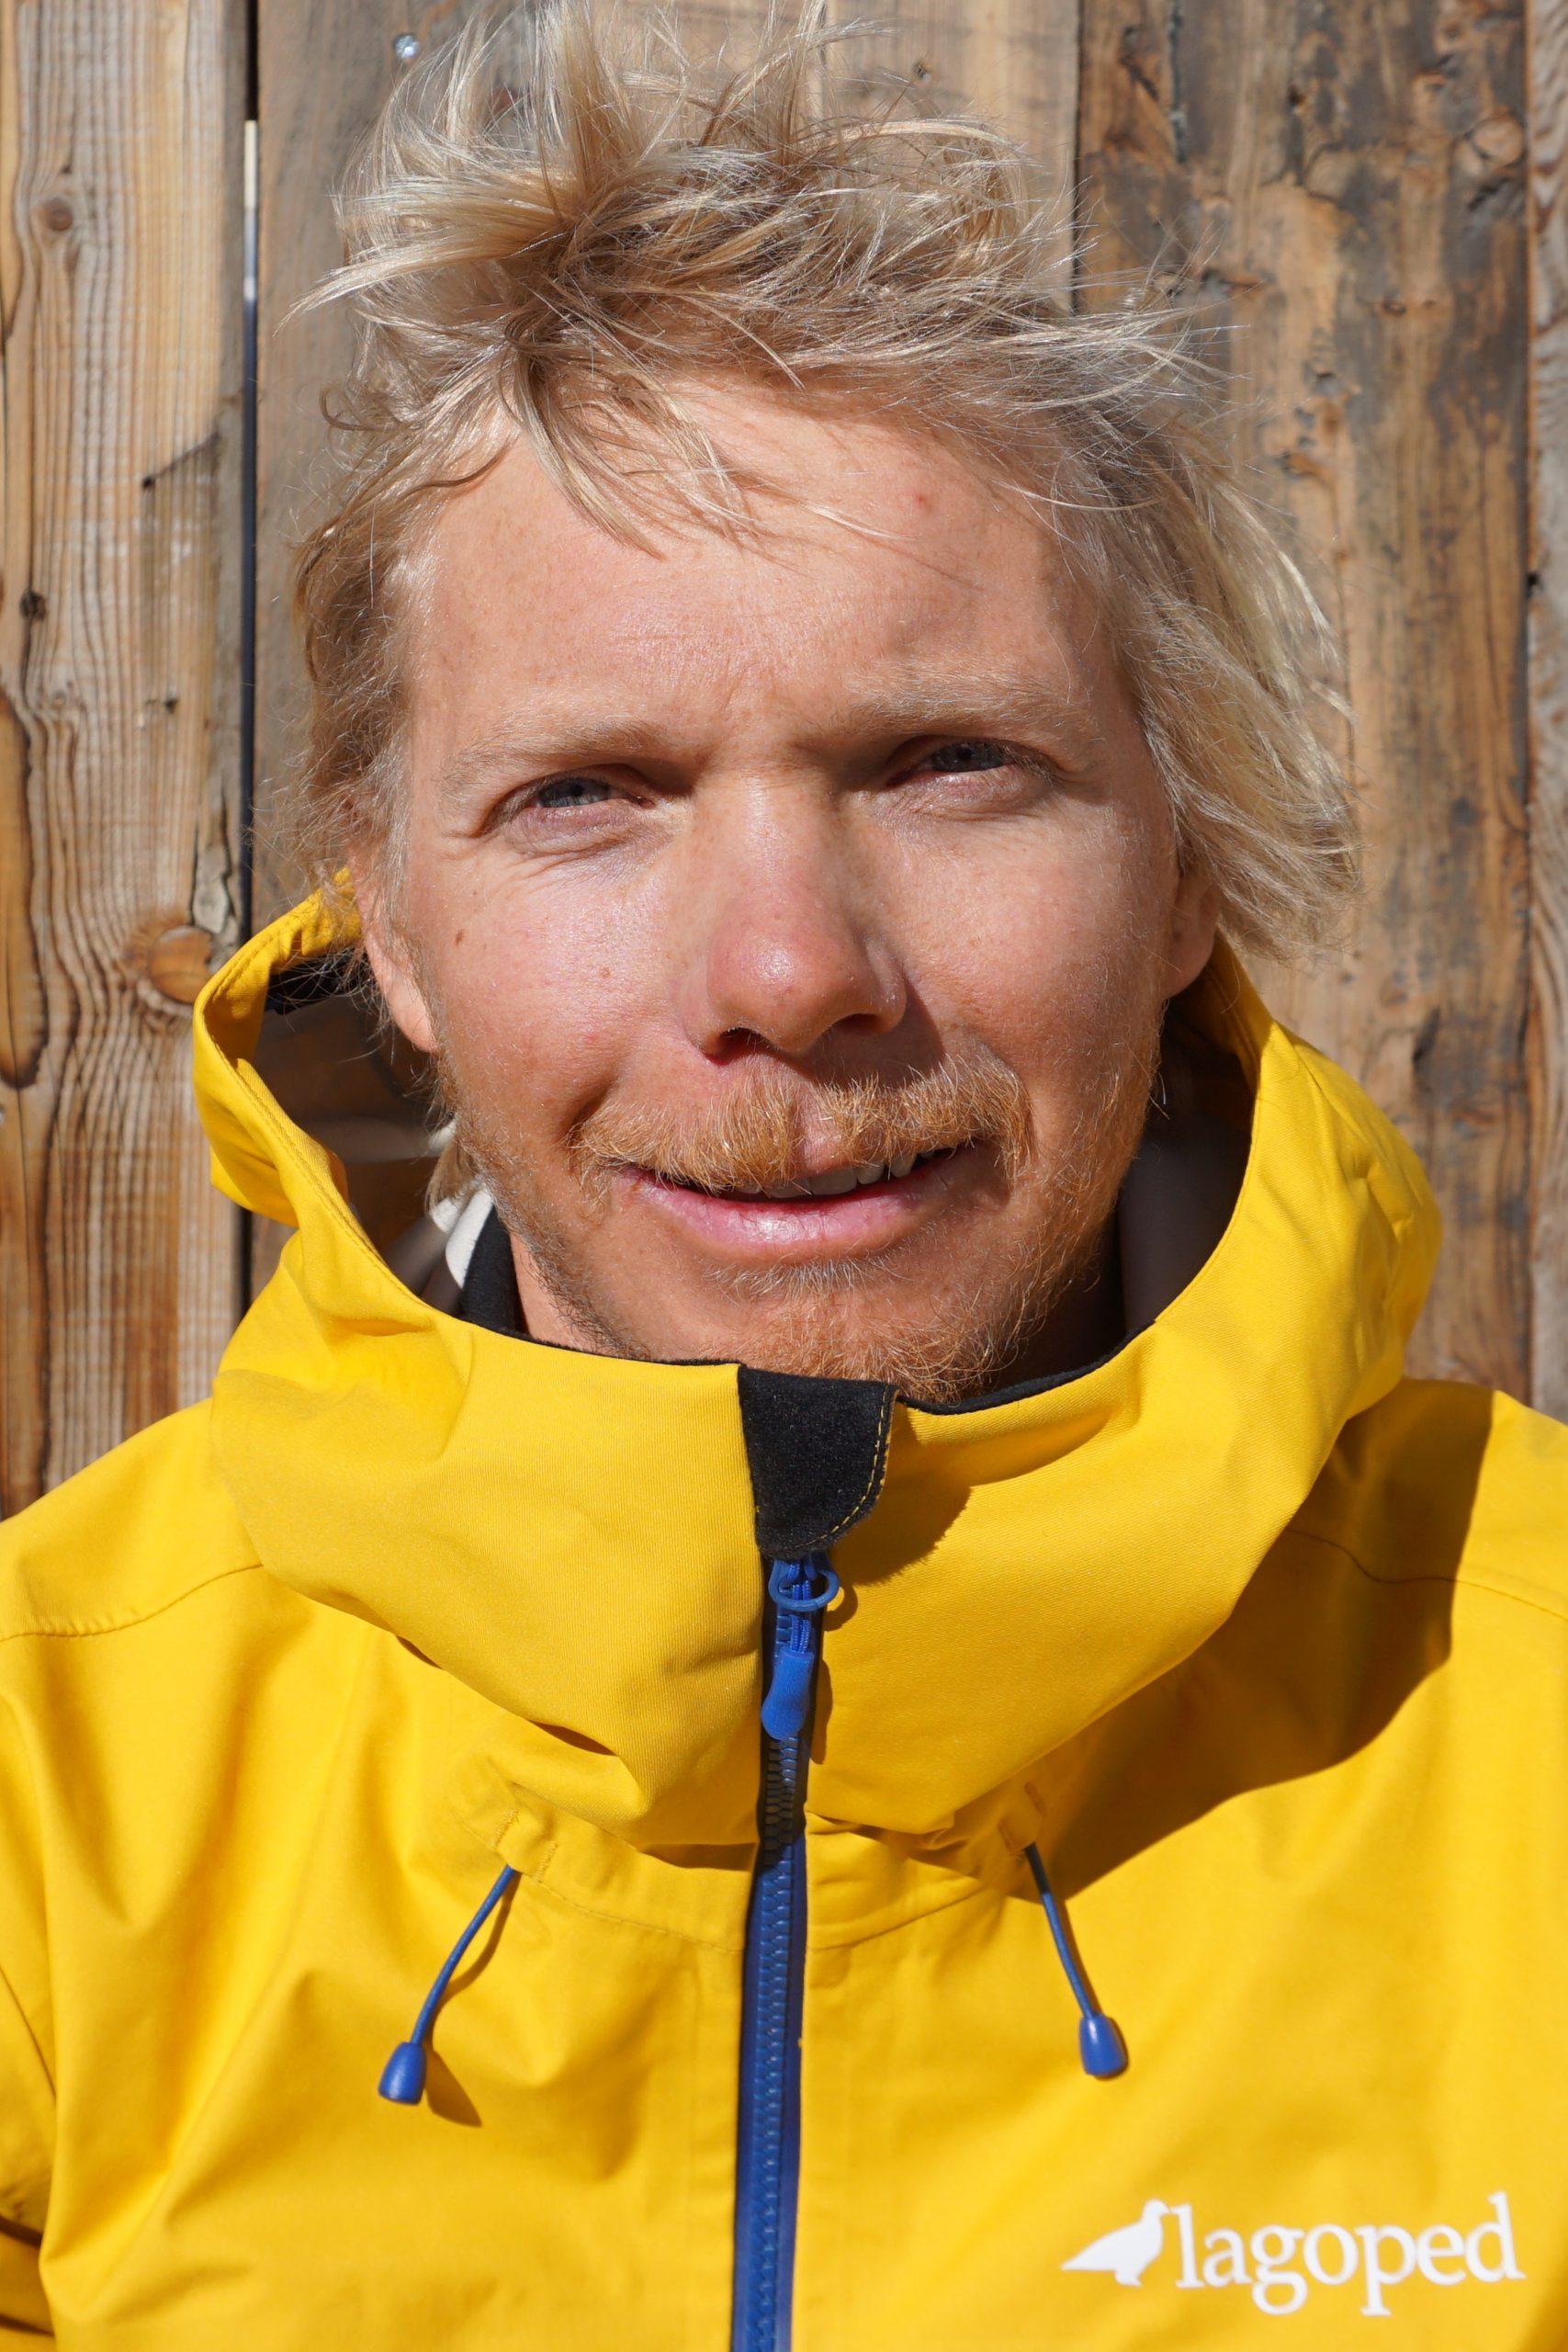 Moniteur de ski sur serre chevalier, je propose des sorties guidée en splitboard ou ski de randonnée